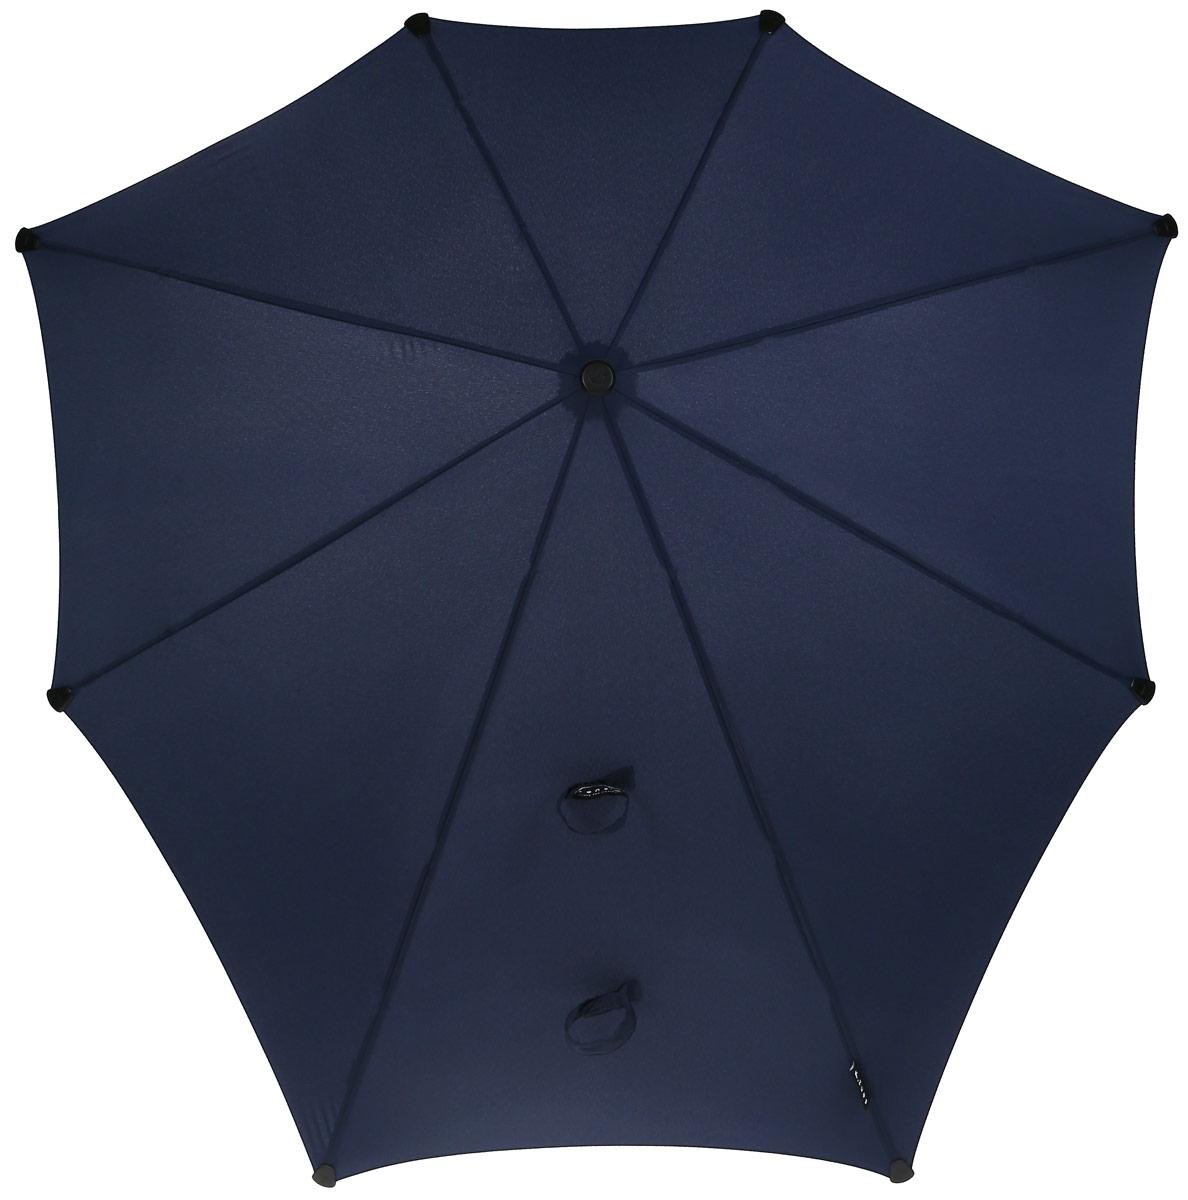 Зонт-трость Senz, цвет: темно-синий. 20110482011048Зонт-трость Senz - инновационный противоштормовый зонт, выдерживающий любую непогоду. Форма купола продумана так, что вы легко найдете самое удобное положение на ветру - без паники и без борьбы со стихией. Закрывает спину от дождя. Благодаря своей усовершенствованной конструкции, зонт не выворачивается наизнанку даже при сильном ветре. Модель Senz Original выдержала испытания в аэротрубе со скоростью ветра 100 км/ч. Характеристики: тип - трость, выдерживает порывы ветра до 100 км/ч, УФ-защита 50+, удобная мягкая ручка, безопасные колпачки на кончиках спиц, в комплекте прочный чехол из плотной ткани с лямкой на плечо, гарантия 2 года.